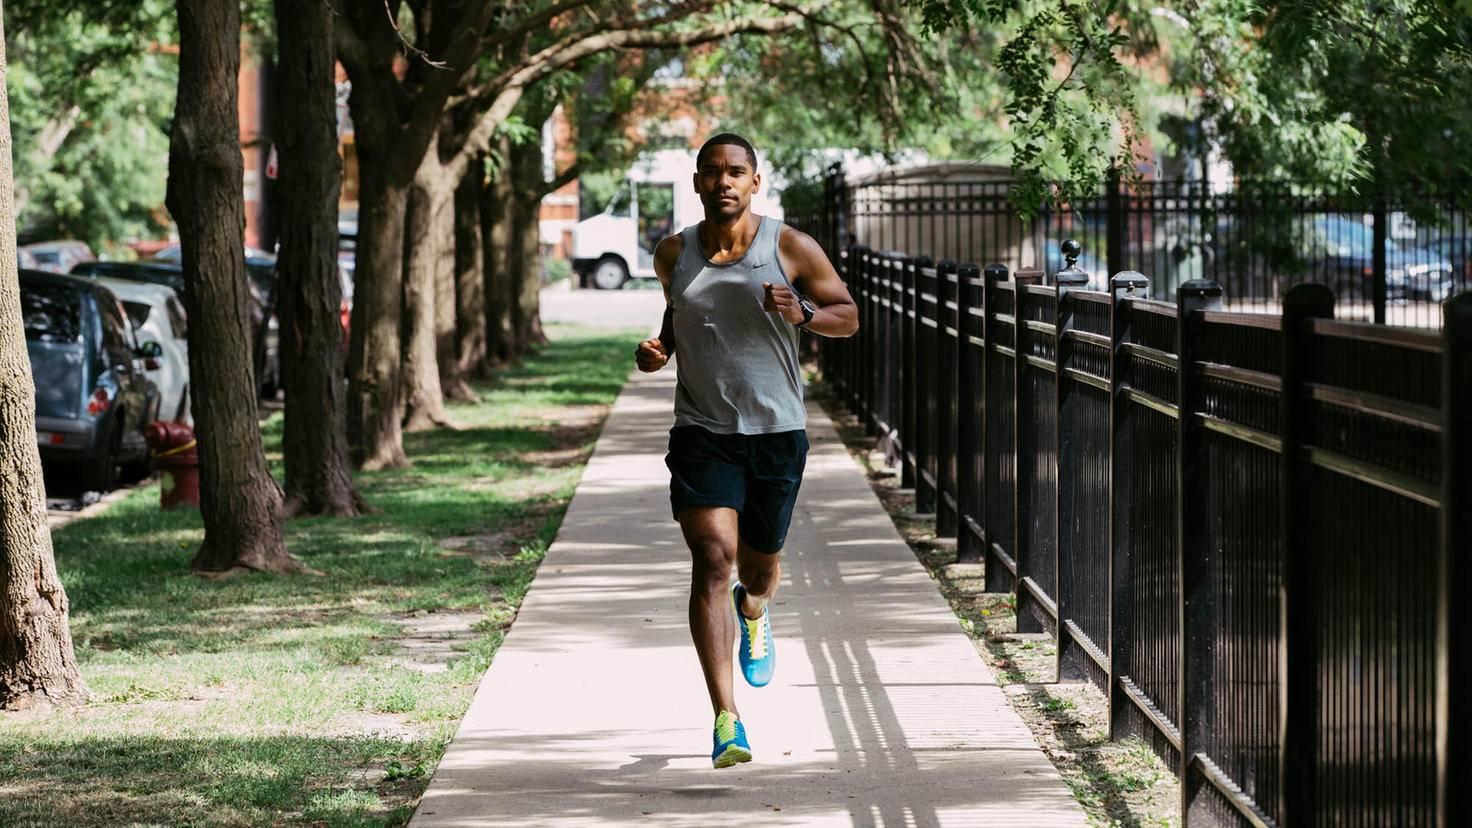 strava joggen mann weg